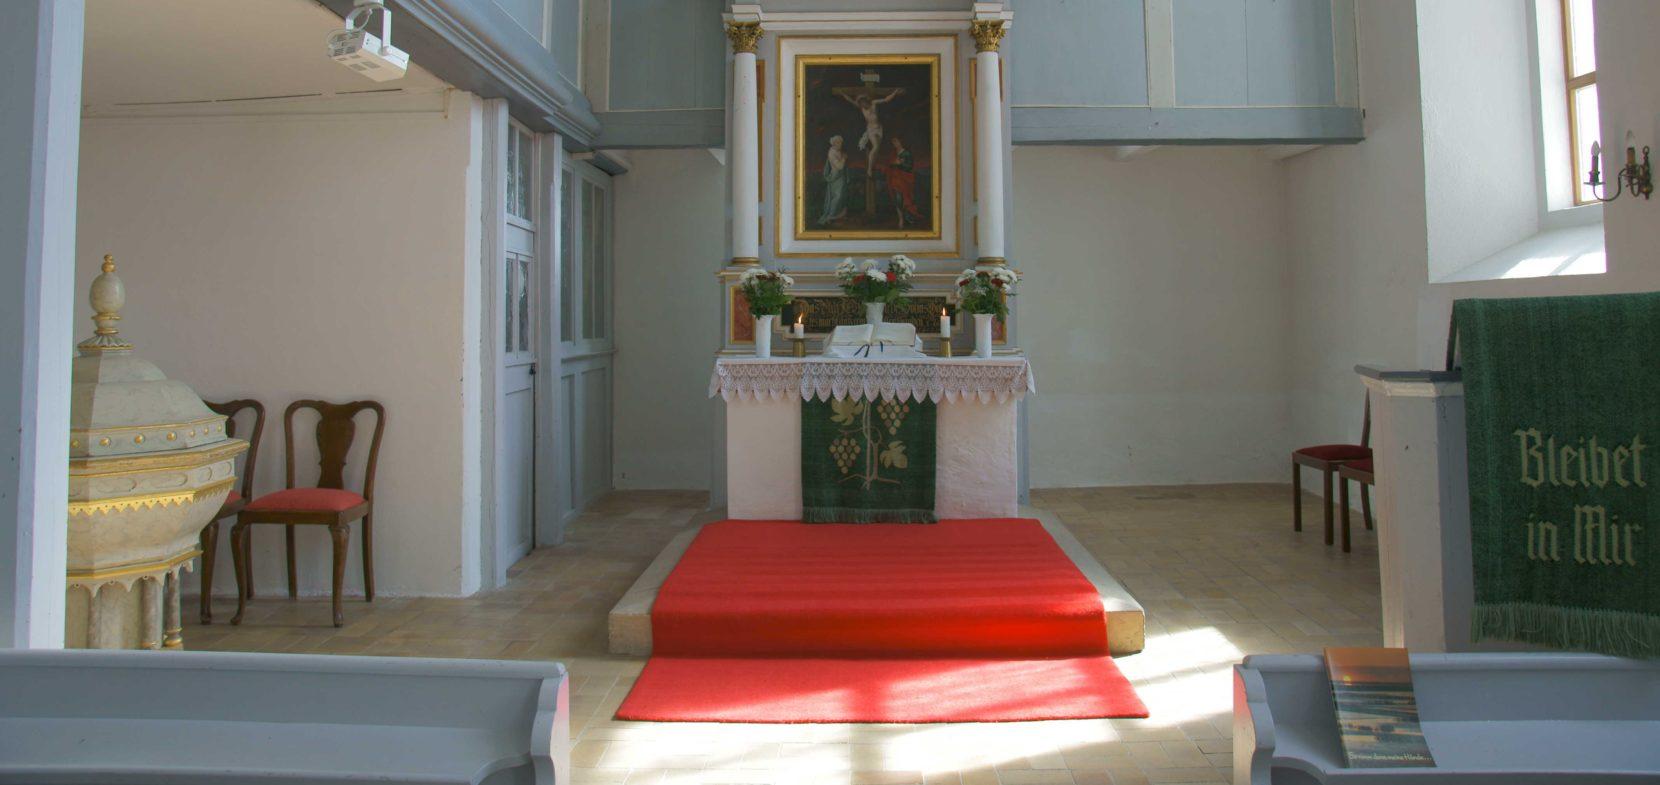 Ev.-Luth. Kirchgemeinde Oberlichtenau im Kirchspiel Maria und Martha Pulsnitz